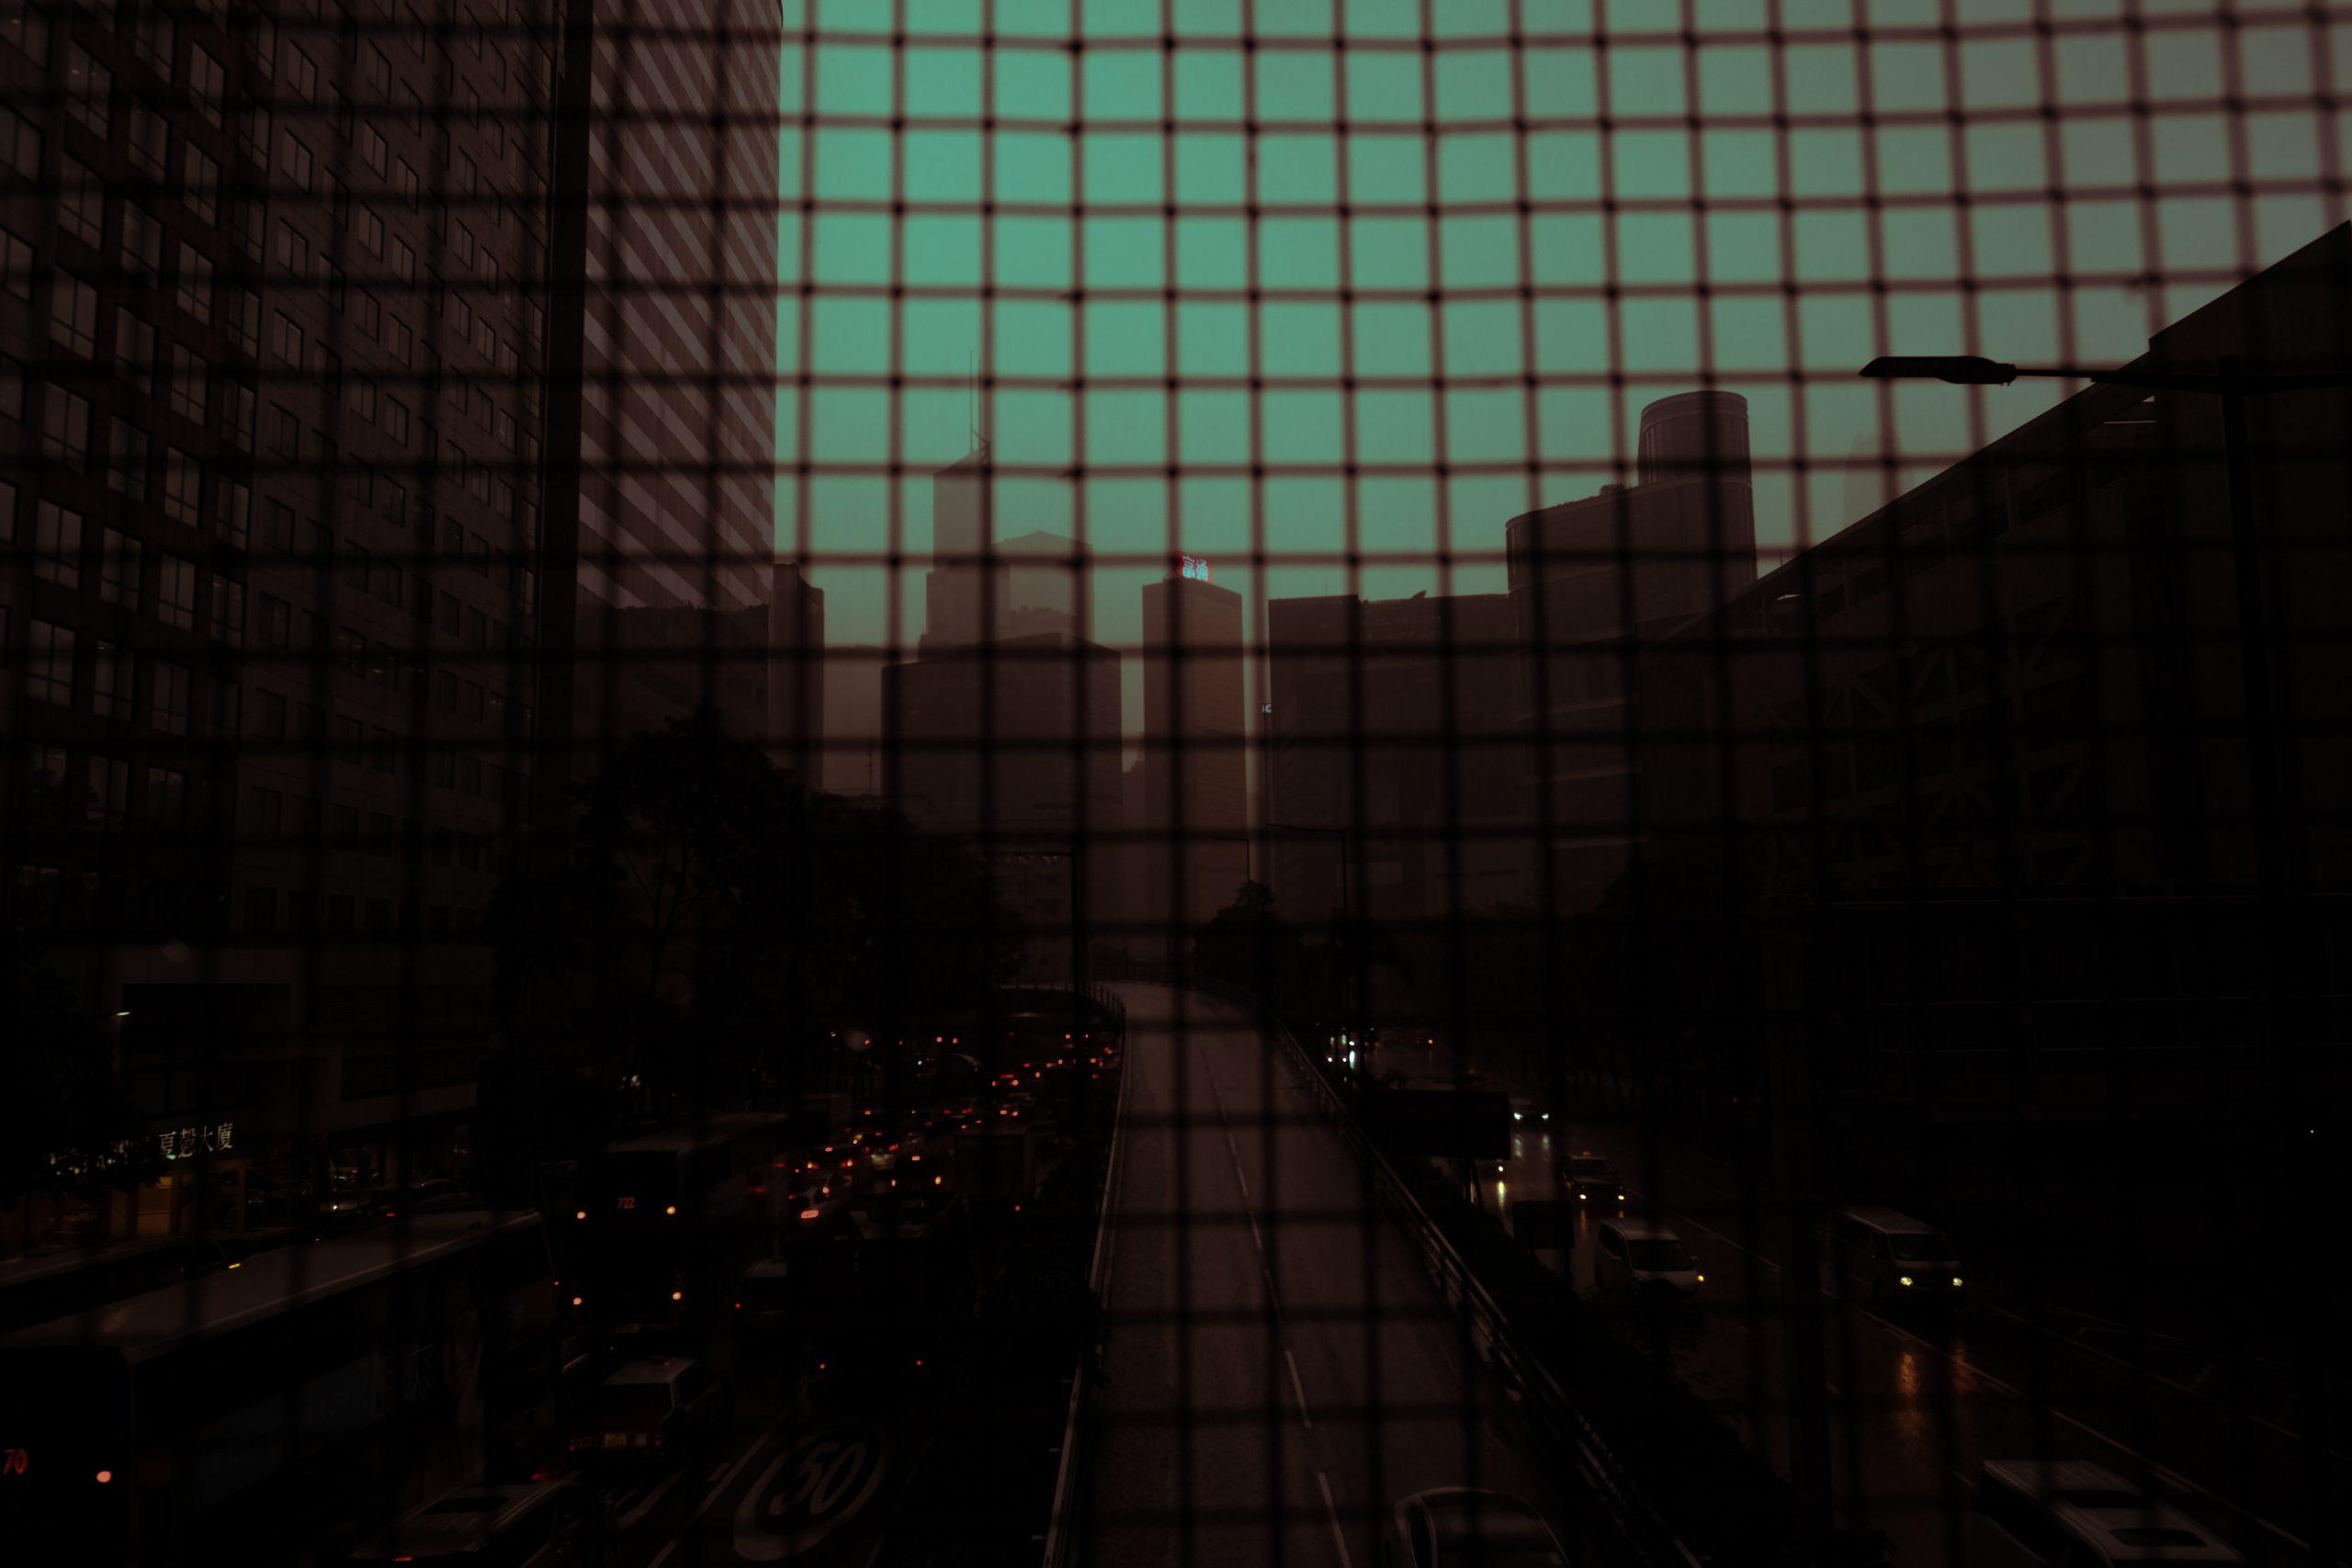 深水埗 大南街 Parallel Space 《幽暮之城》相展 Deacon 國安法 鐵籠 馬路